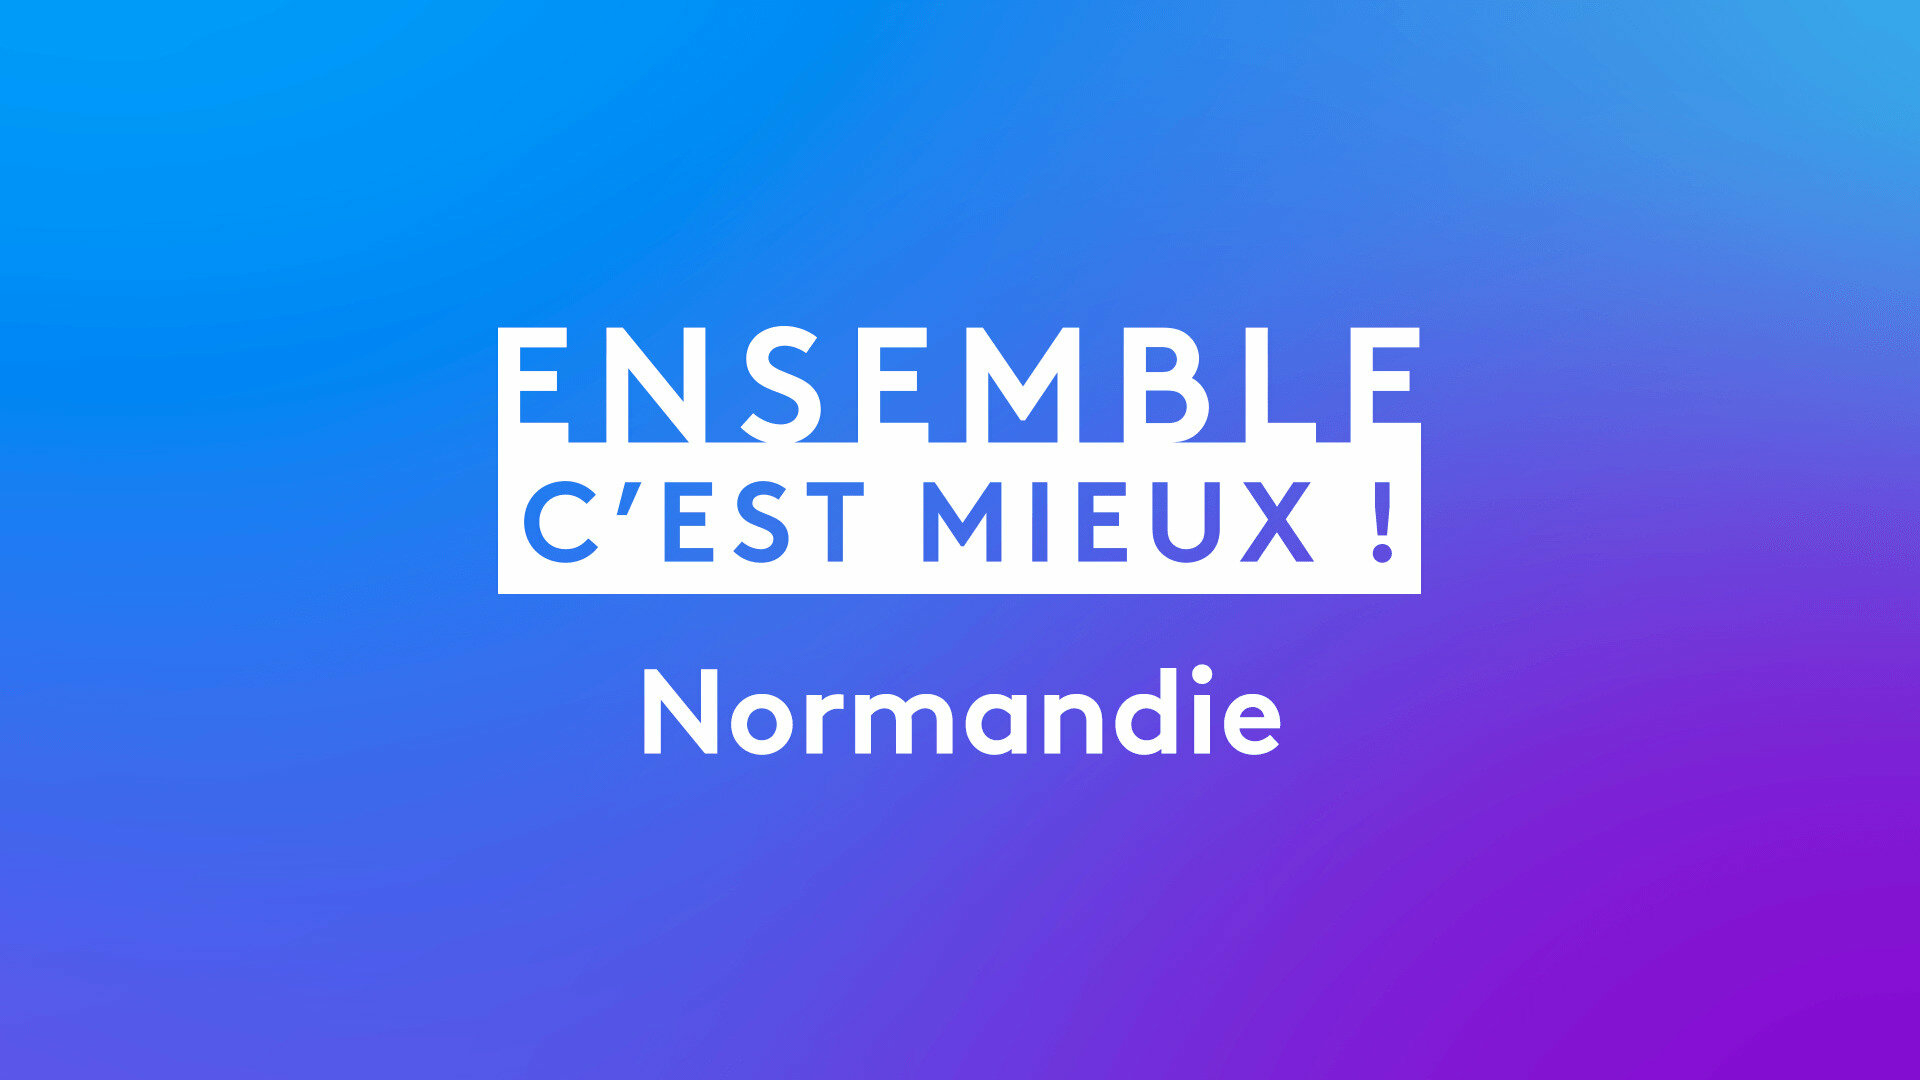 Ensemble c'est mieux ! Normandie : Le succès du made in Normandie